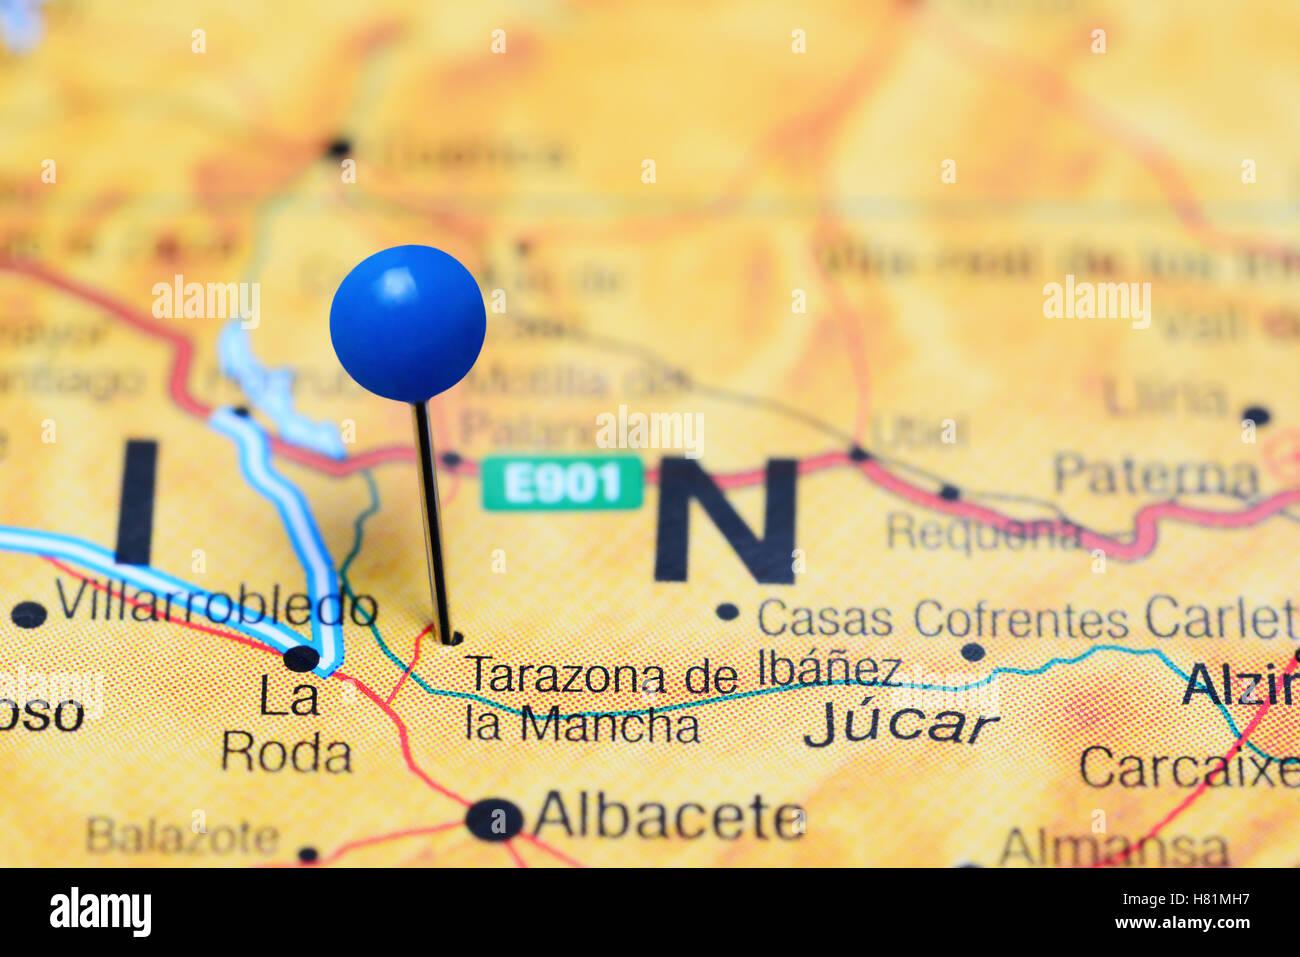 Tarazona De La Mancha Pinned On A Map Of Spain Stock Photo